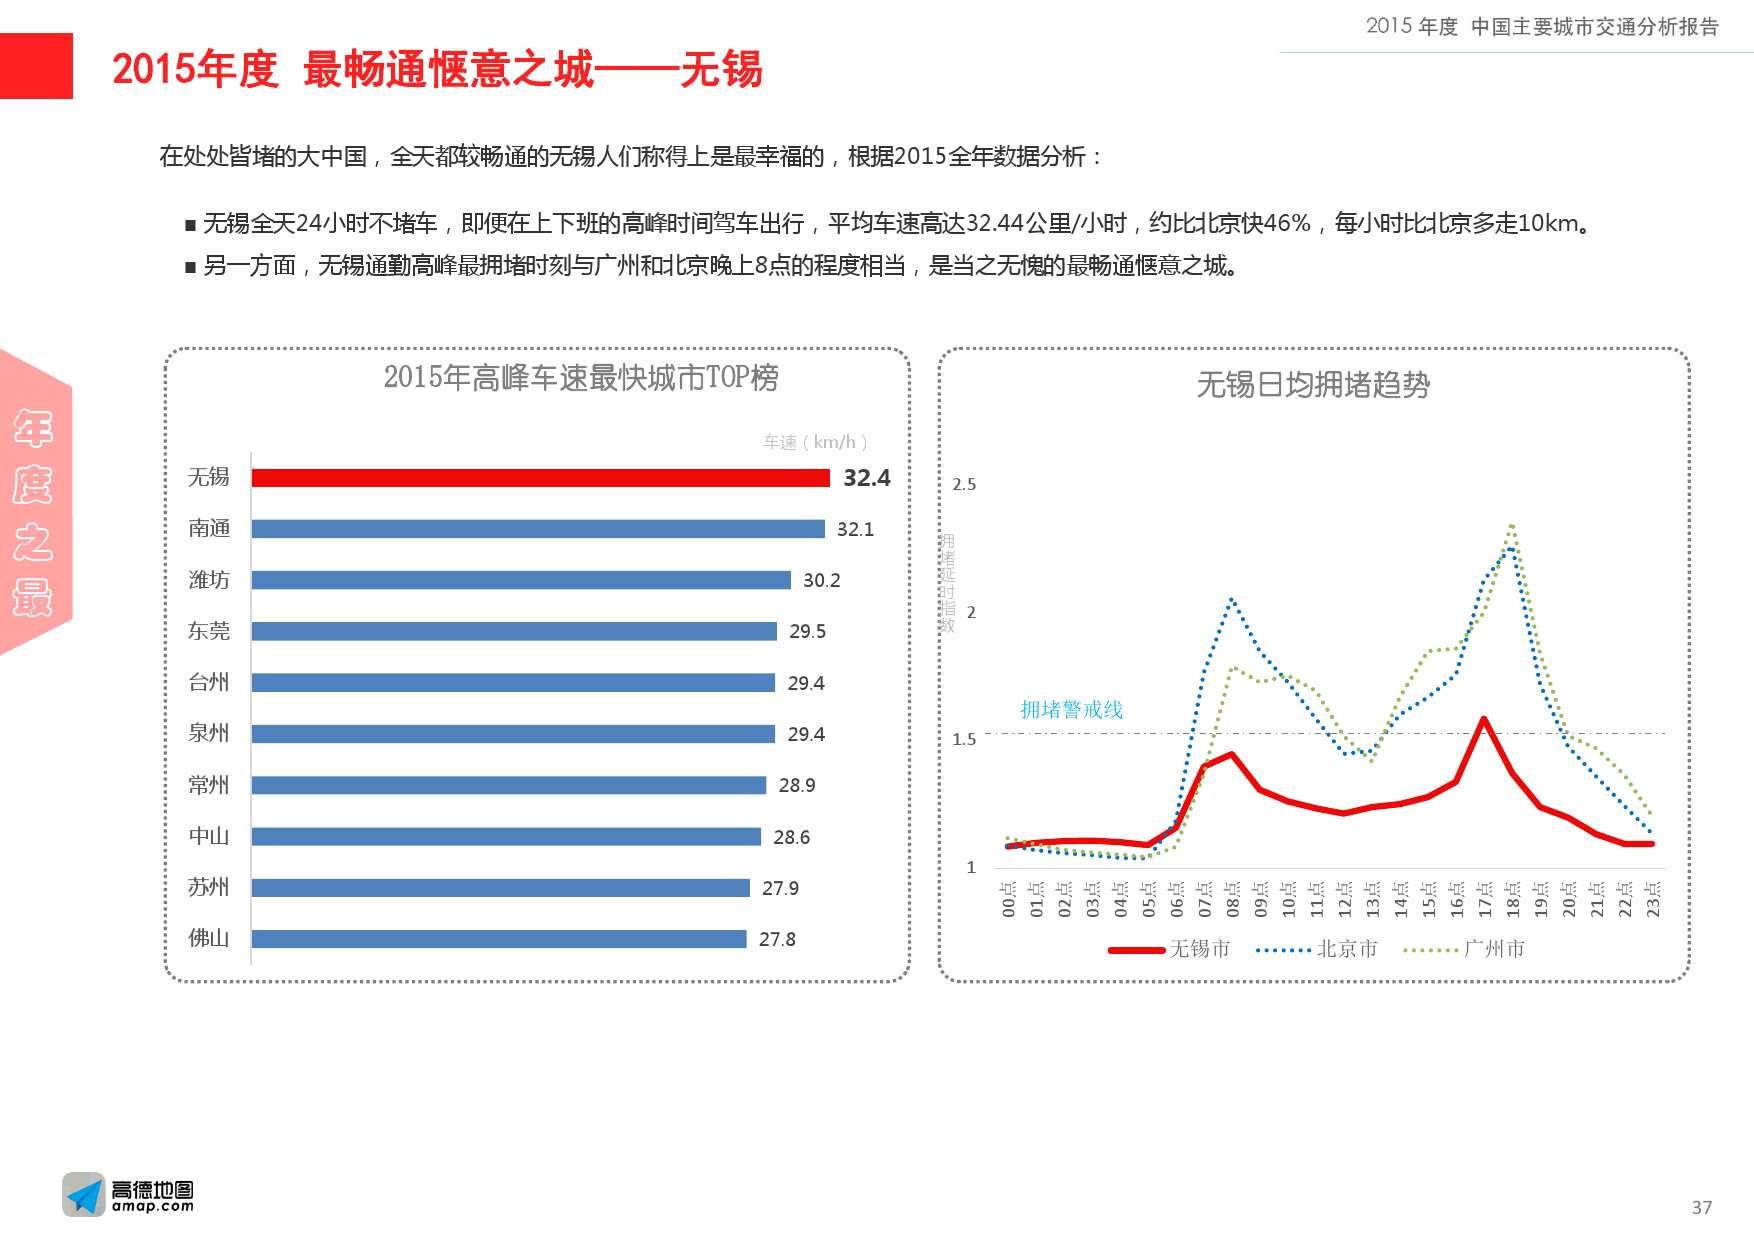 2015年度中国主要城市交通分析报告-final_000037